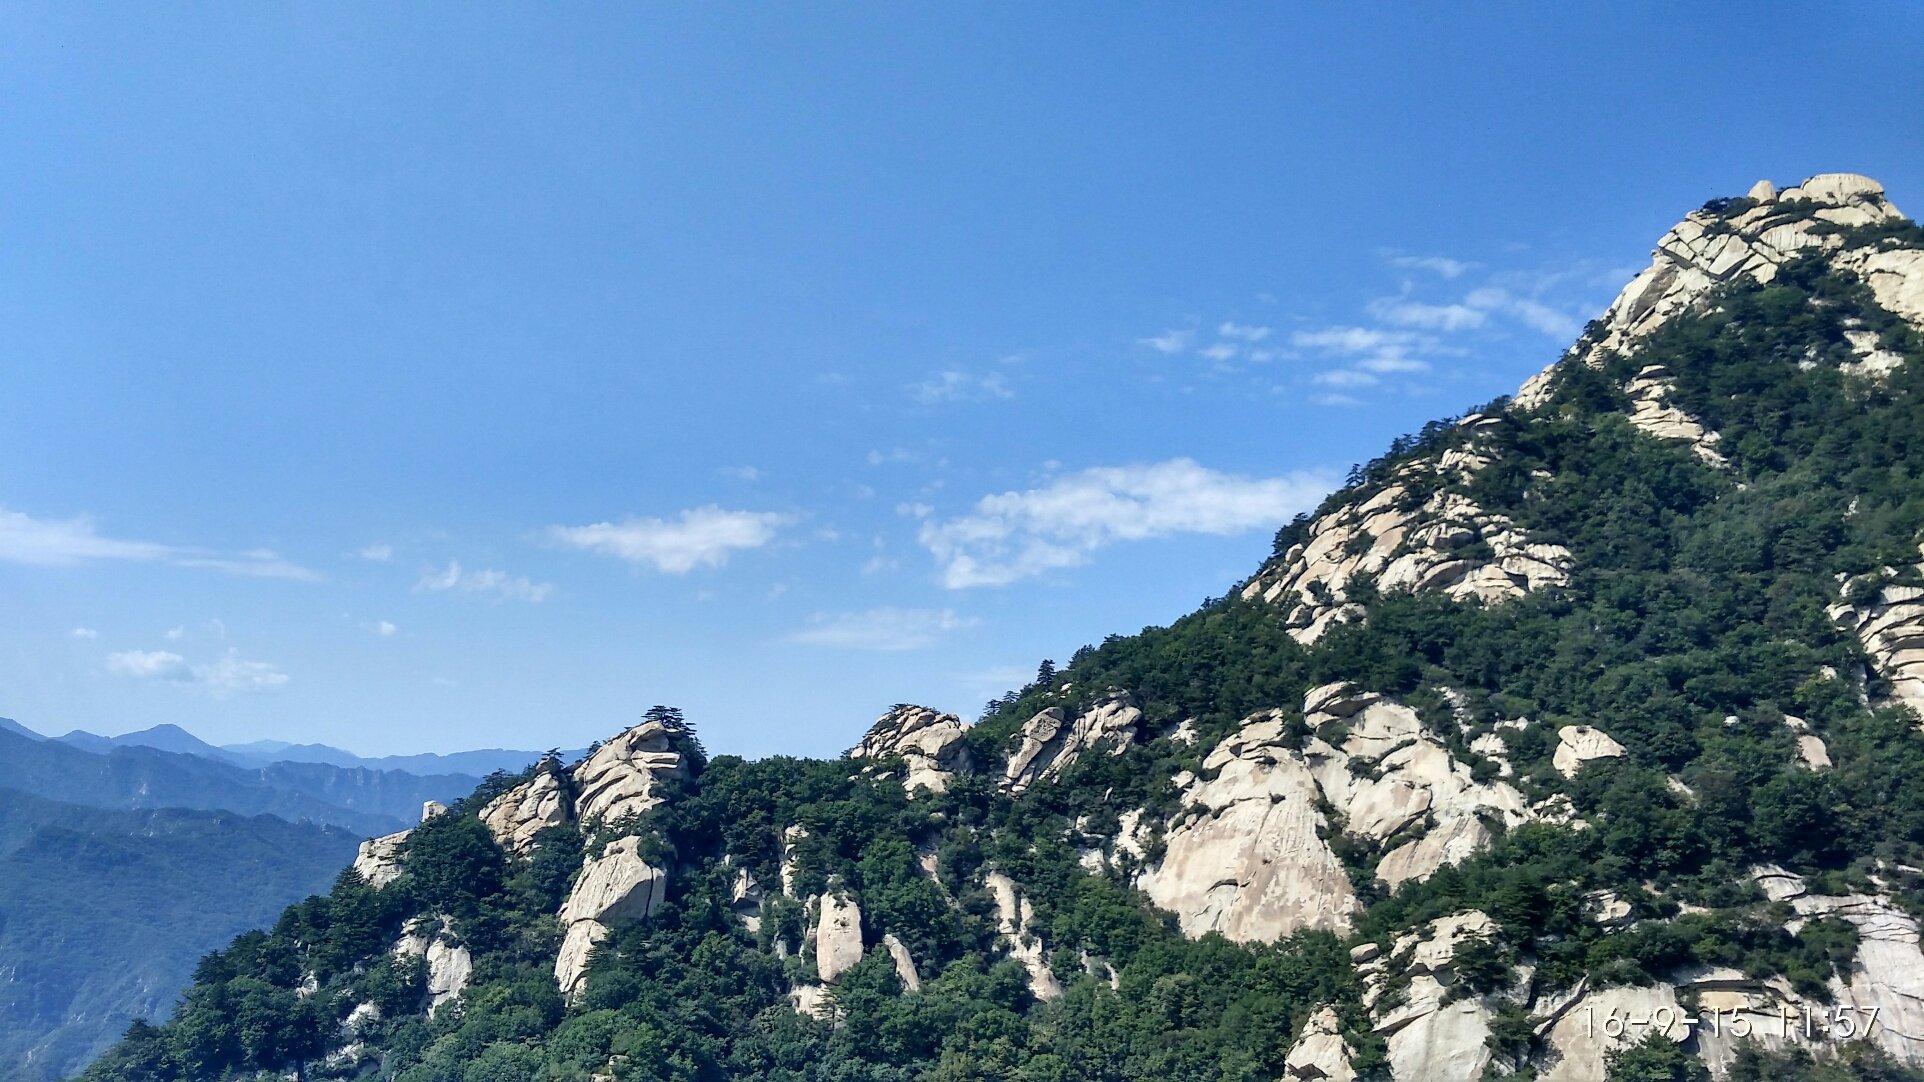 北京市密云区密云区规模蜂场云蒙山国家森林公园天气预报